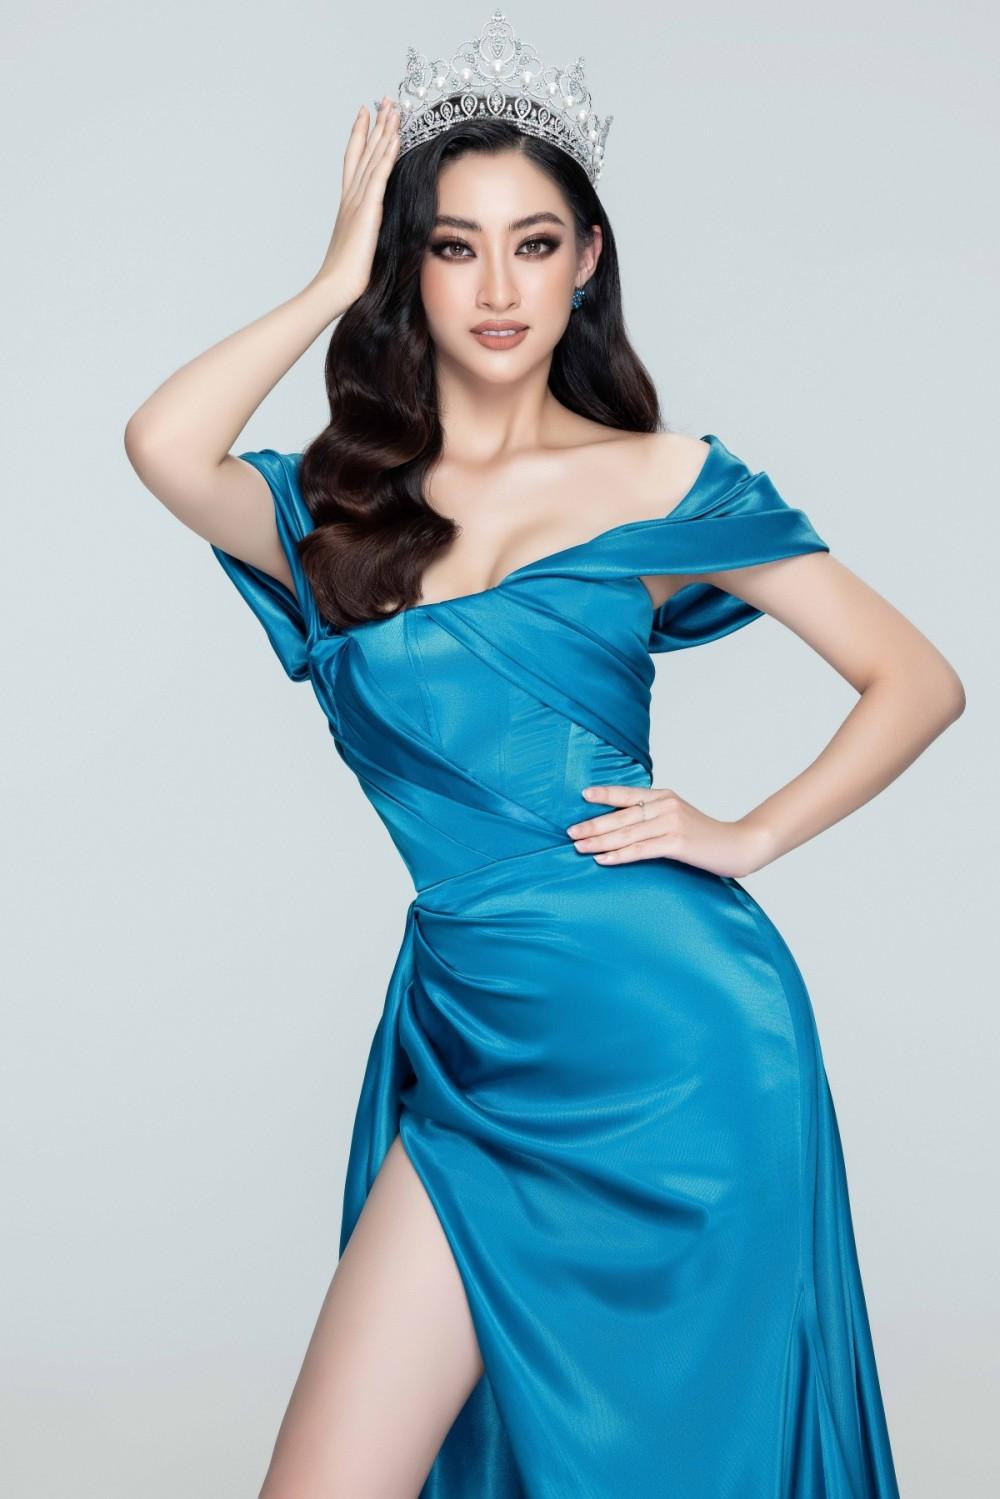 Hoa hậu Cao Bằng có số đo đẹp nhất lịch sử, đôi chân dài 1m22 không đối thủ - 1